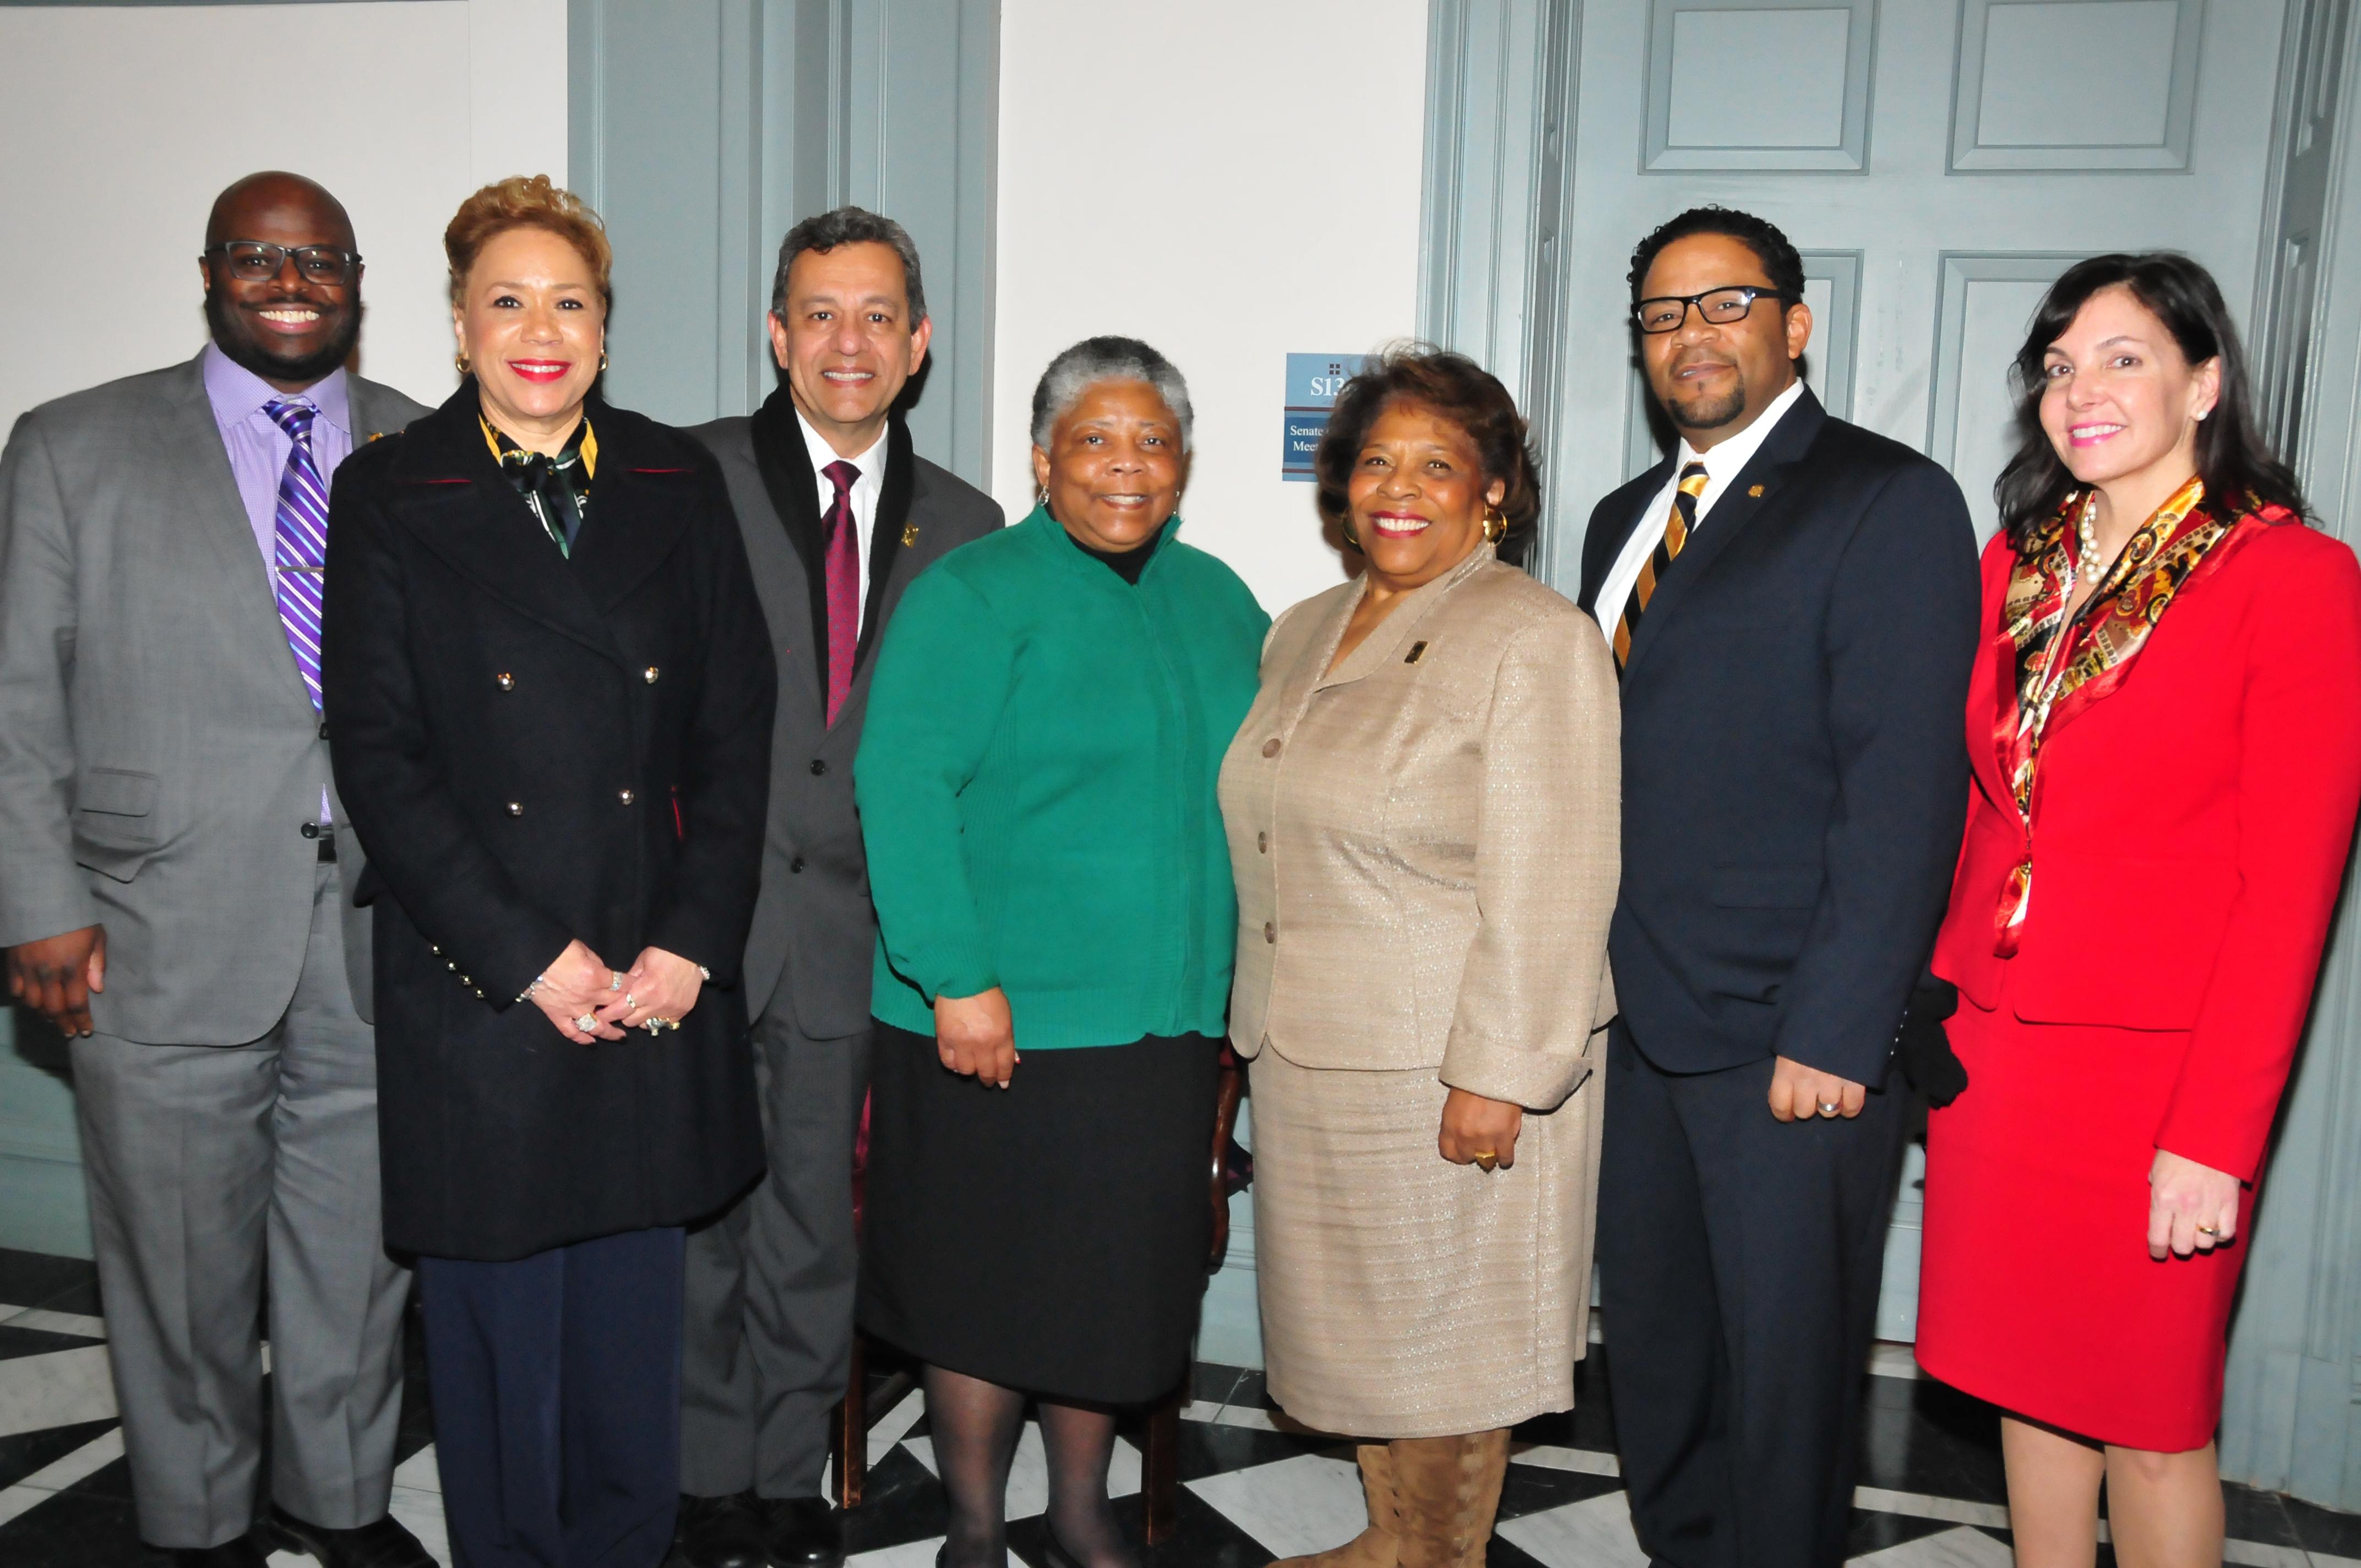 (L-r) Dr. Tony Allen, Cassandra Robinson, Jose Echeverri, Rev. Rita Paige, Dr. Mishoe, Travis Mishoe & Kathy McGuiness..